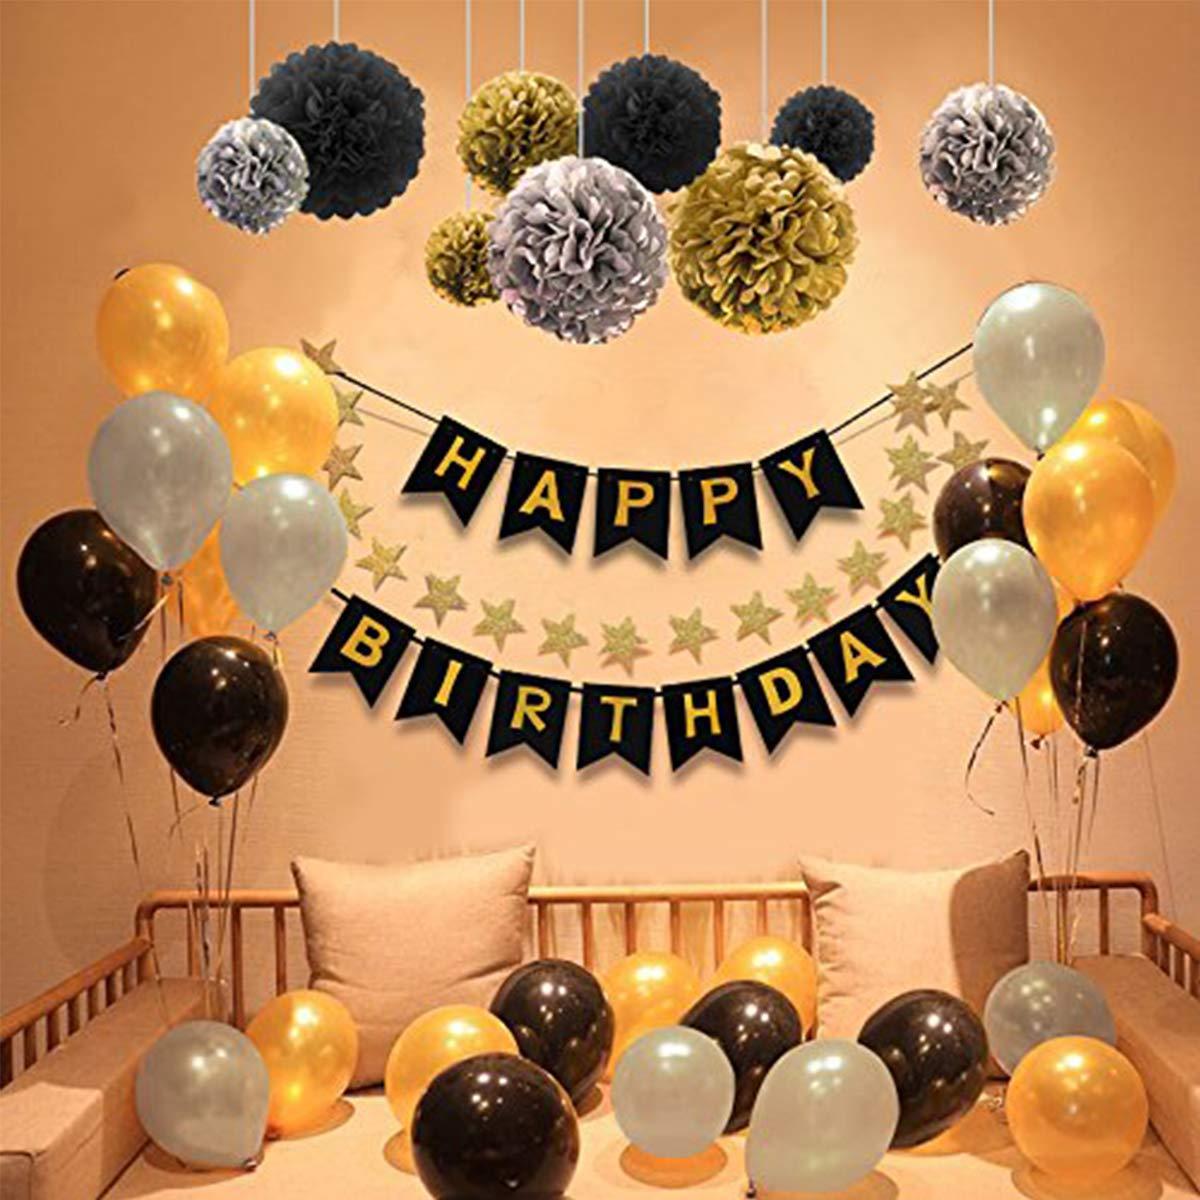 Herefun Decoración Cumpleaños, Decoraciones Fiesta de Cumpleaños, 1 Happy Birthday Bandera, 30 Globos, 9 Tissue Pom Poms, 20 Decoración de estrellas ...